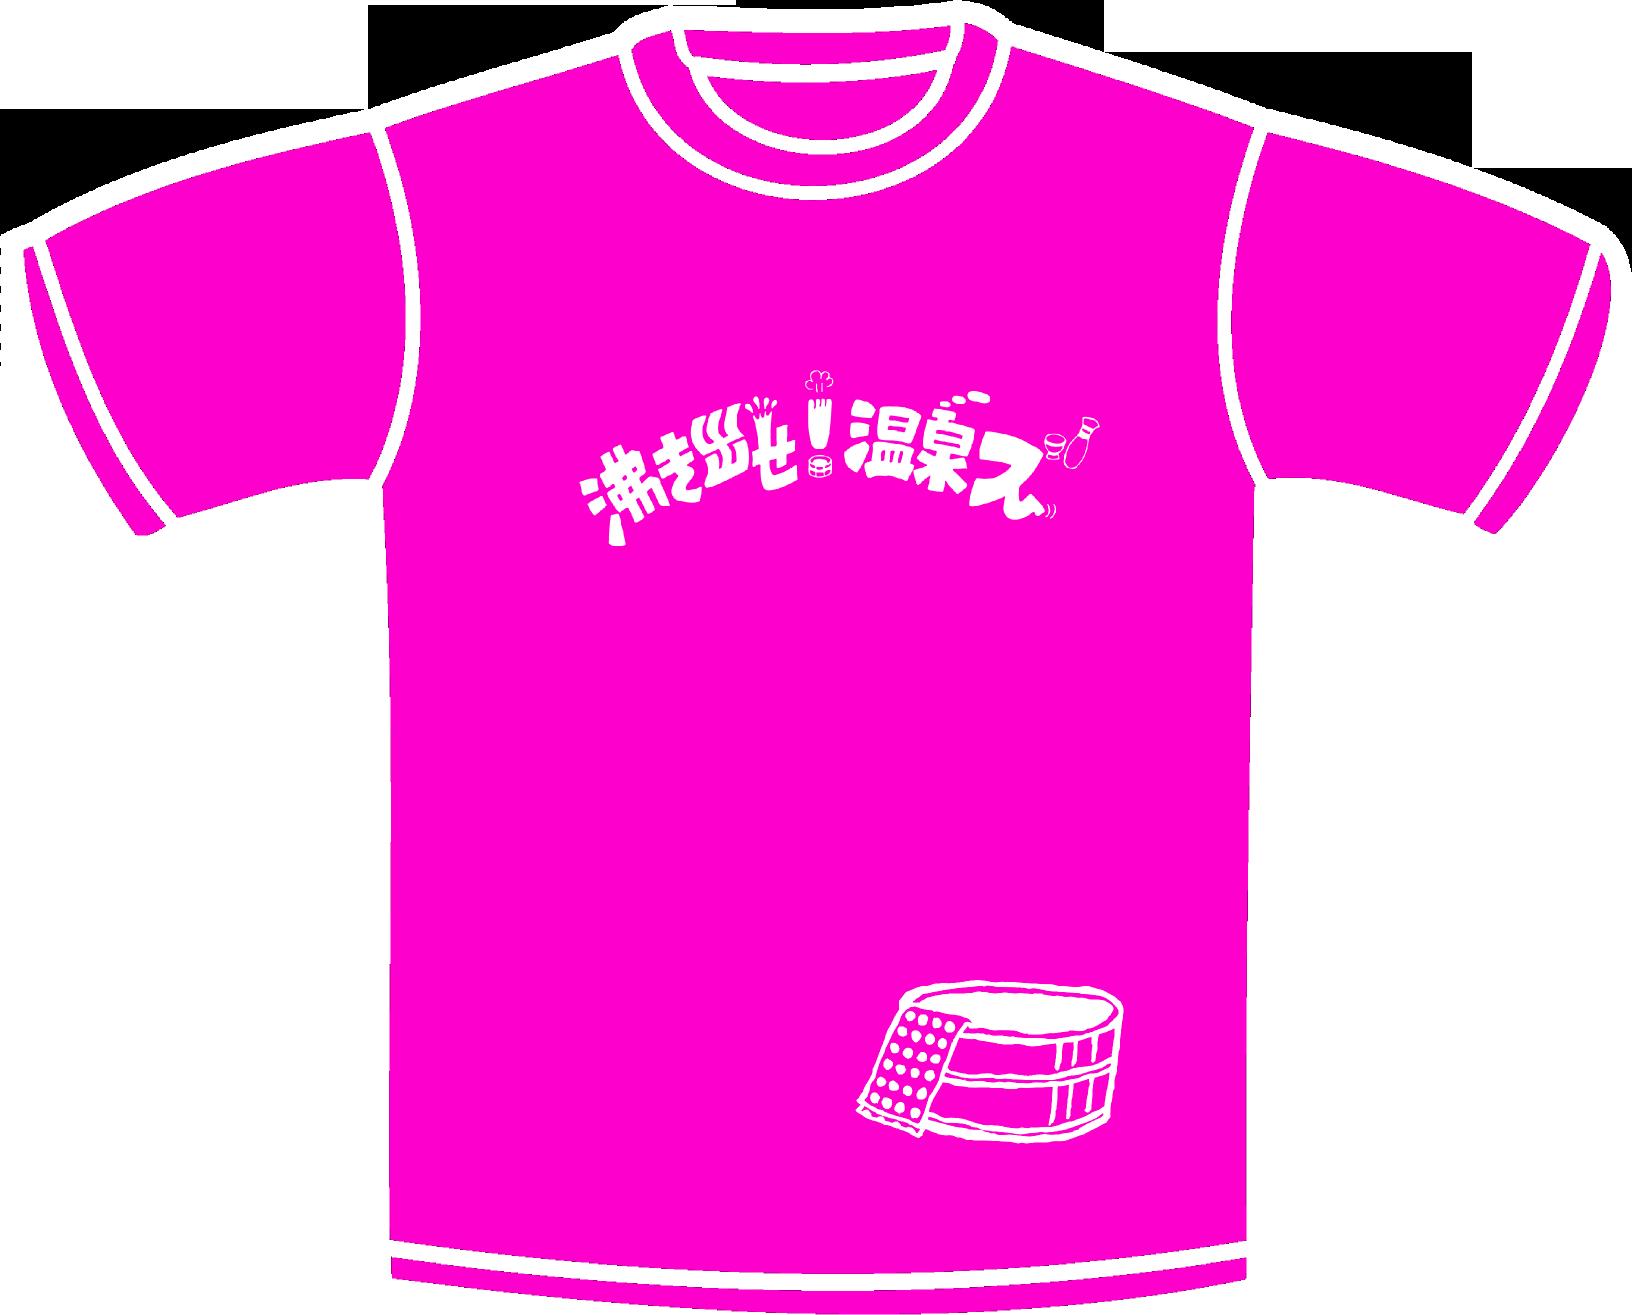 沸き出せ!温泉ズ:バンドTシャツ第二弾:デザイン表:ホットピンク